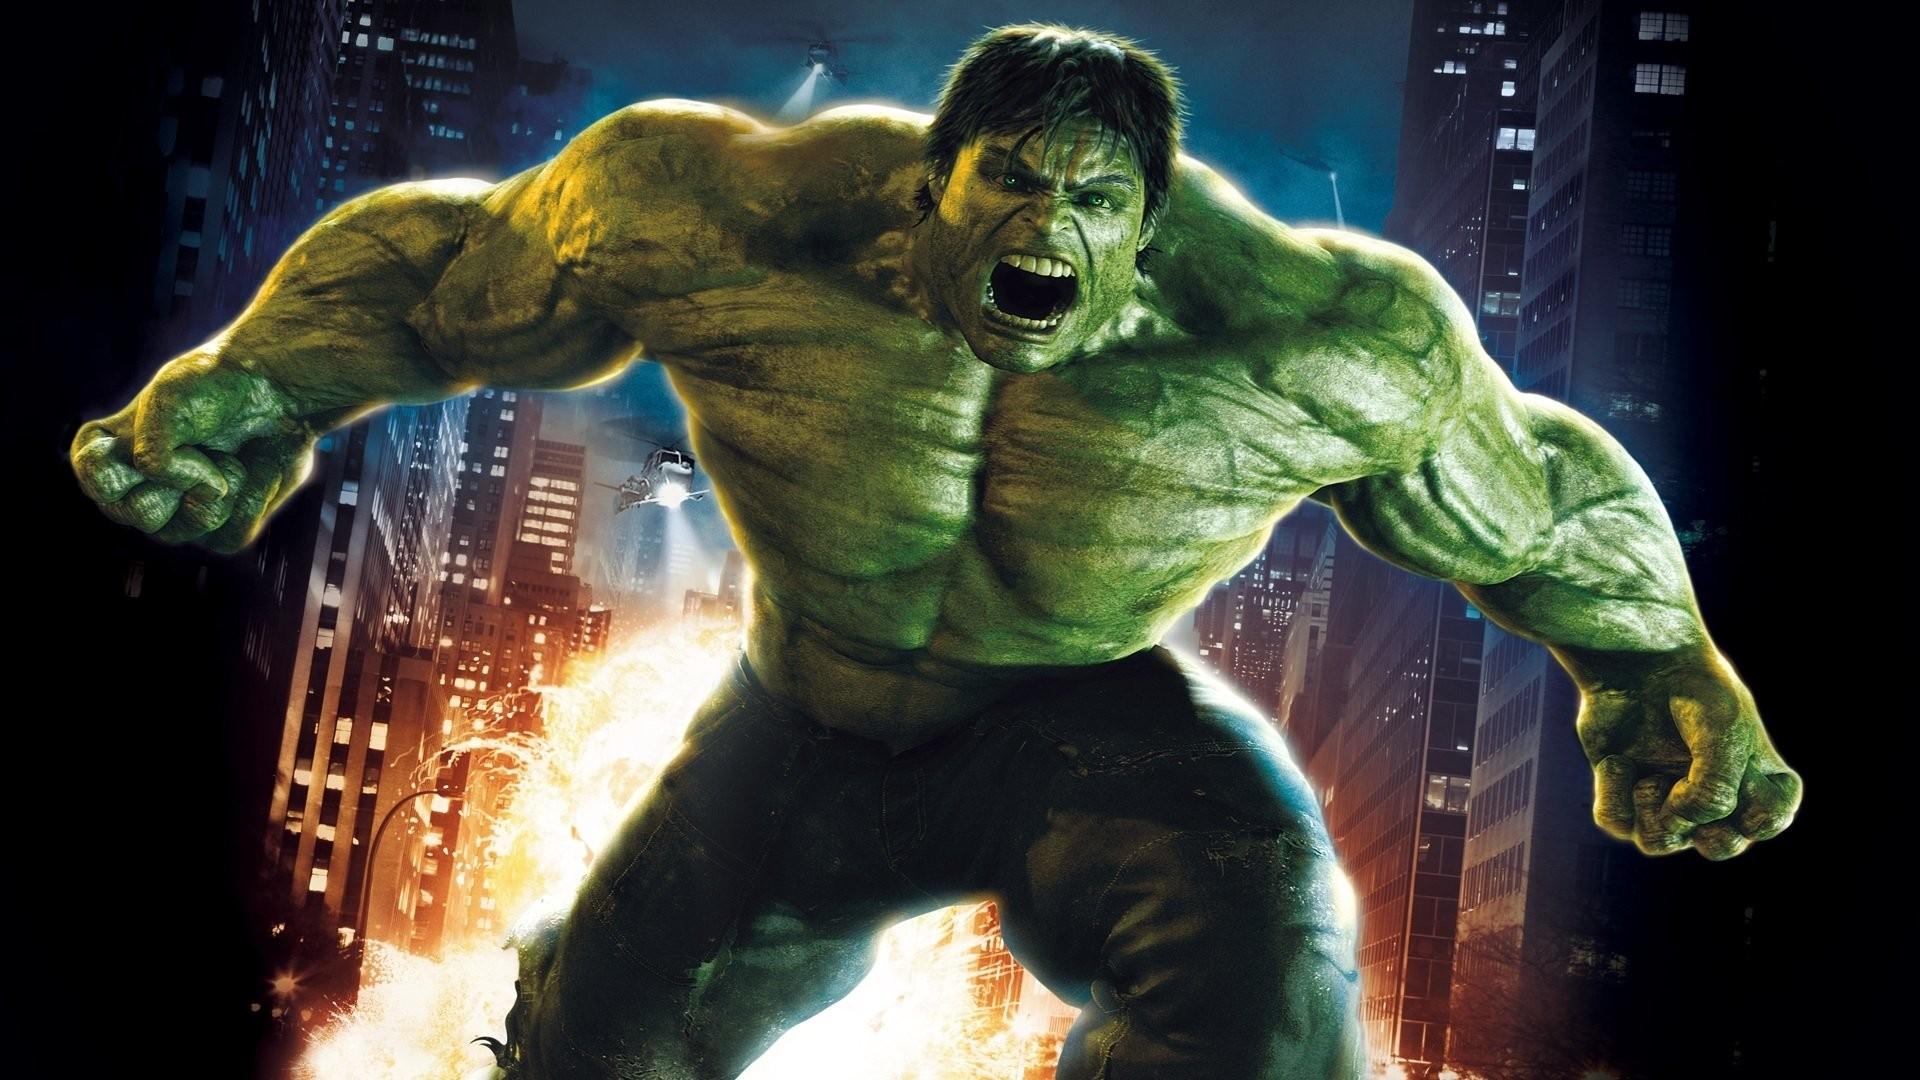 Incredible Hulk Wallpaper 2018 58 images 1920x1080